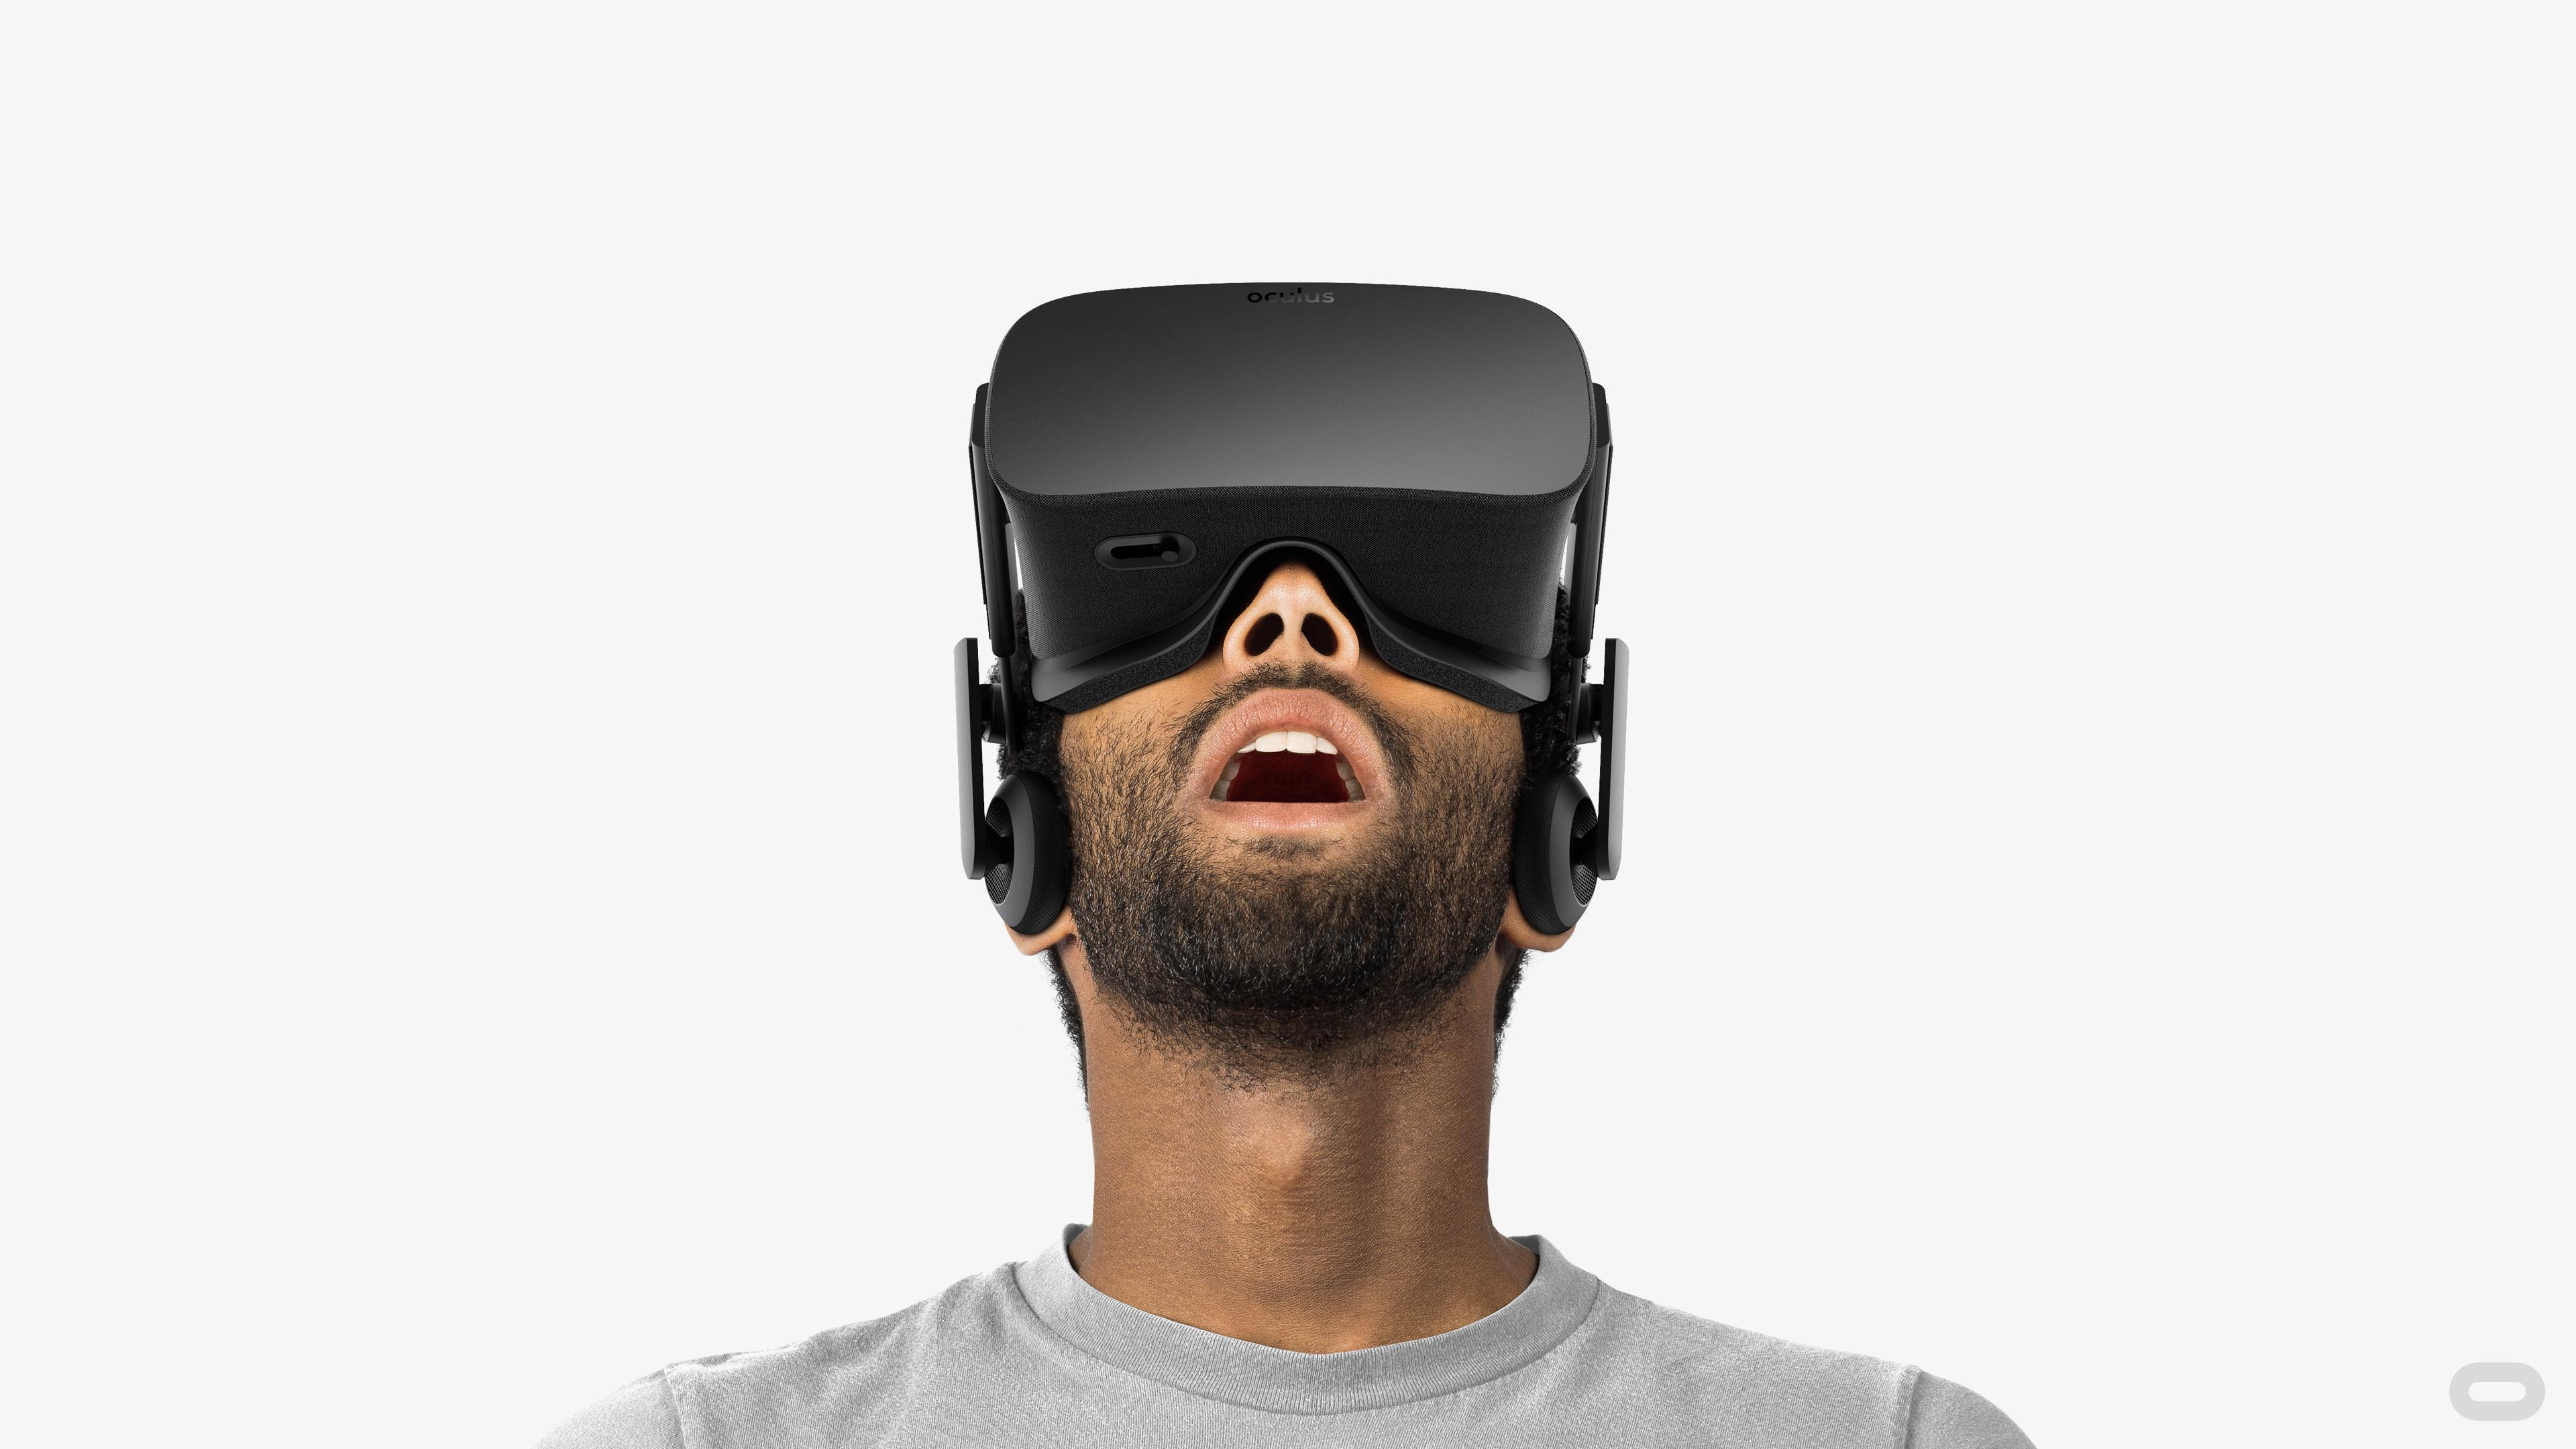 Okuliare Oculus Rift. Je možné, že niektorá z budúcich generácií bude obsahovať technológiu pre snímanie pohybu rúk. Súčasťou zariadenia budú senzory a optika